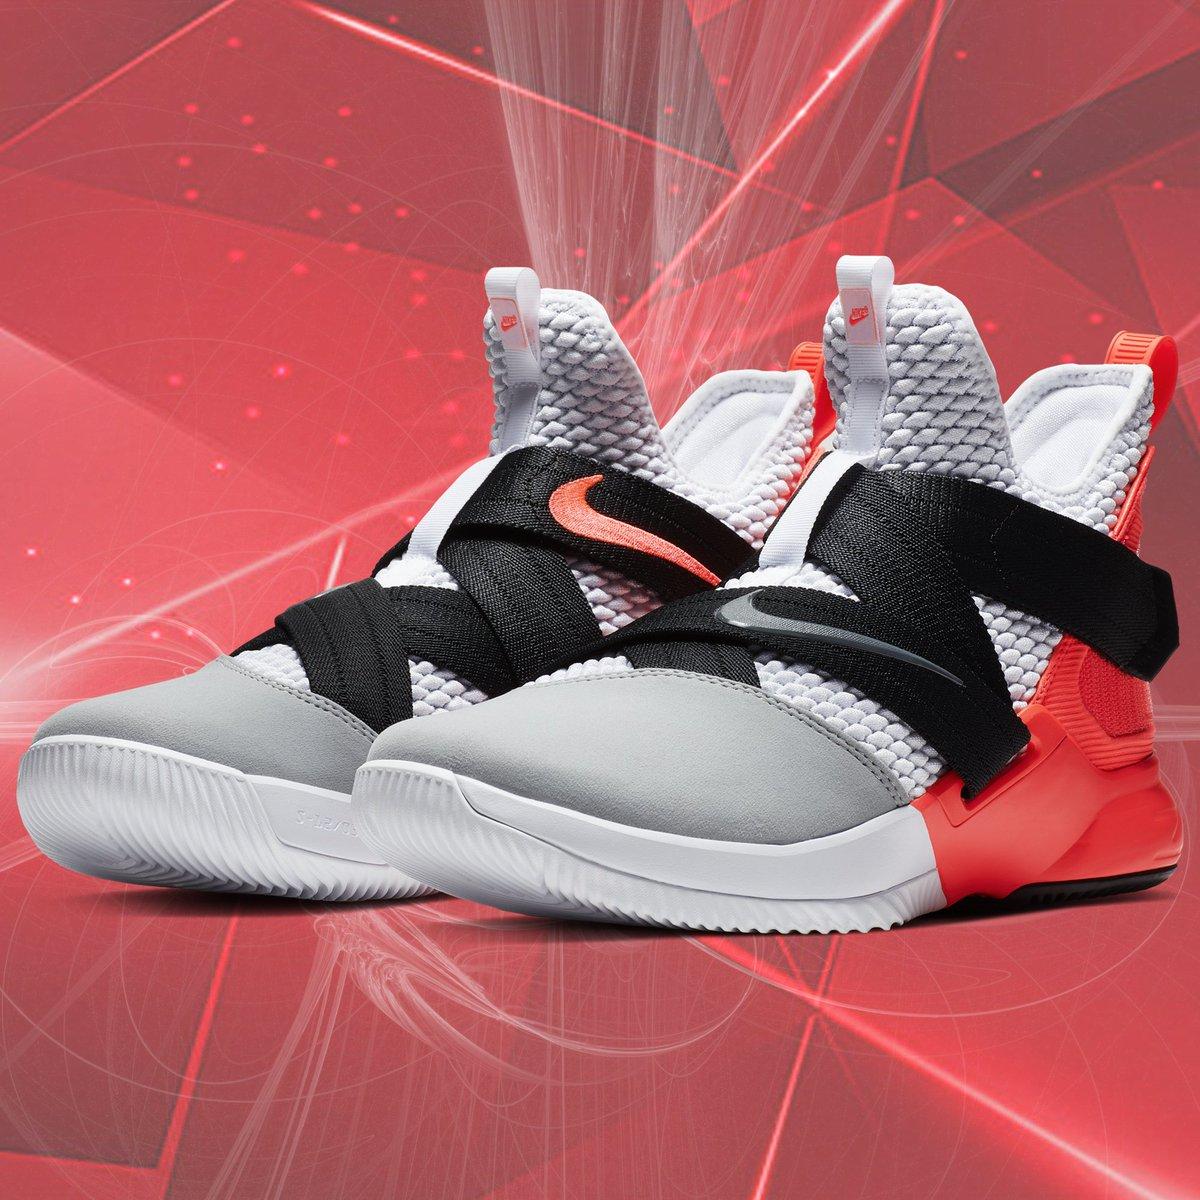 4ea017cdaba94 GB S Sneaker Shop on Twitter